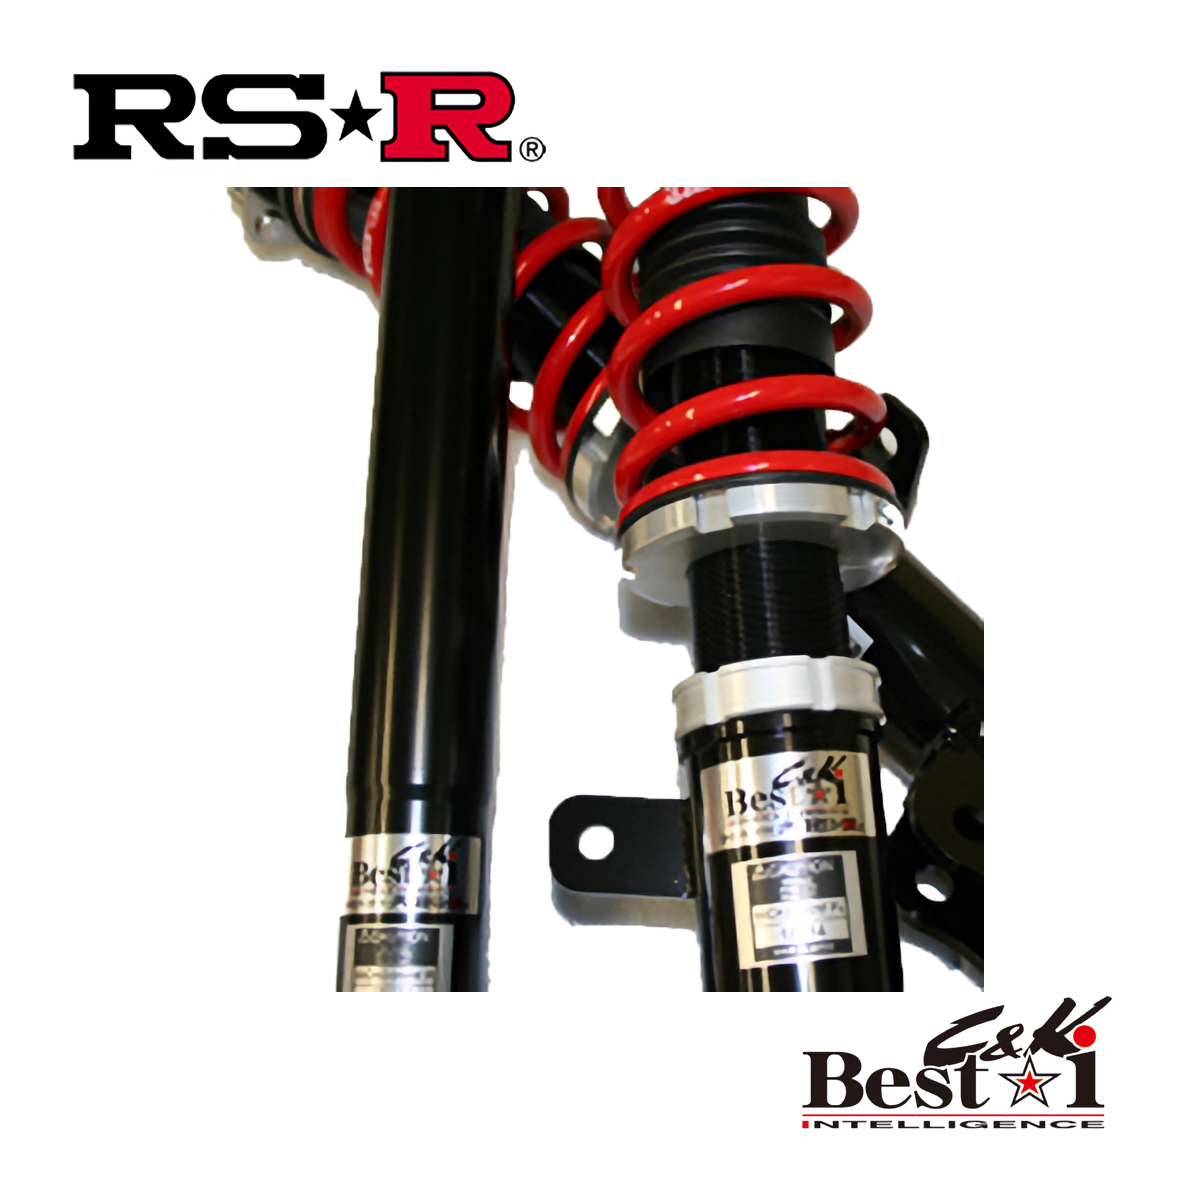 RS-R ワゴンR ハイブリッドFZセーフティパッケージ装着車 MH55S 車高調 リア車高調整:スペーサー式 BICKS178M ベストi C&K RSR 条件付き送料無料